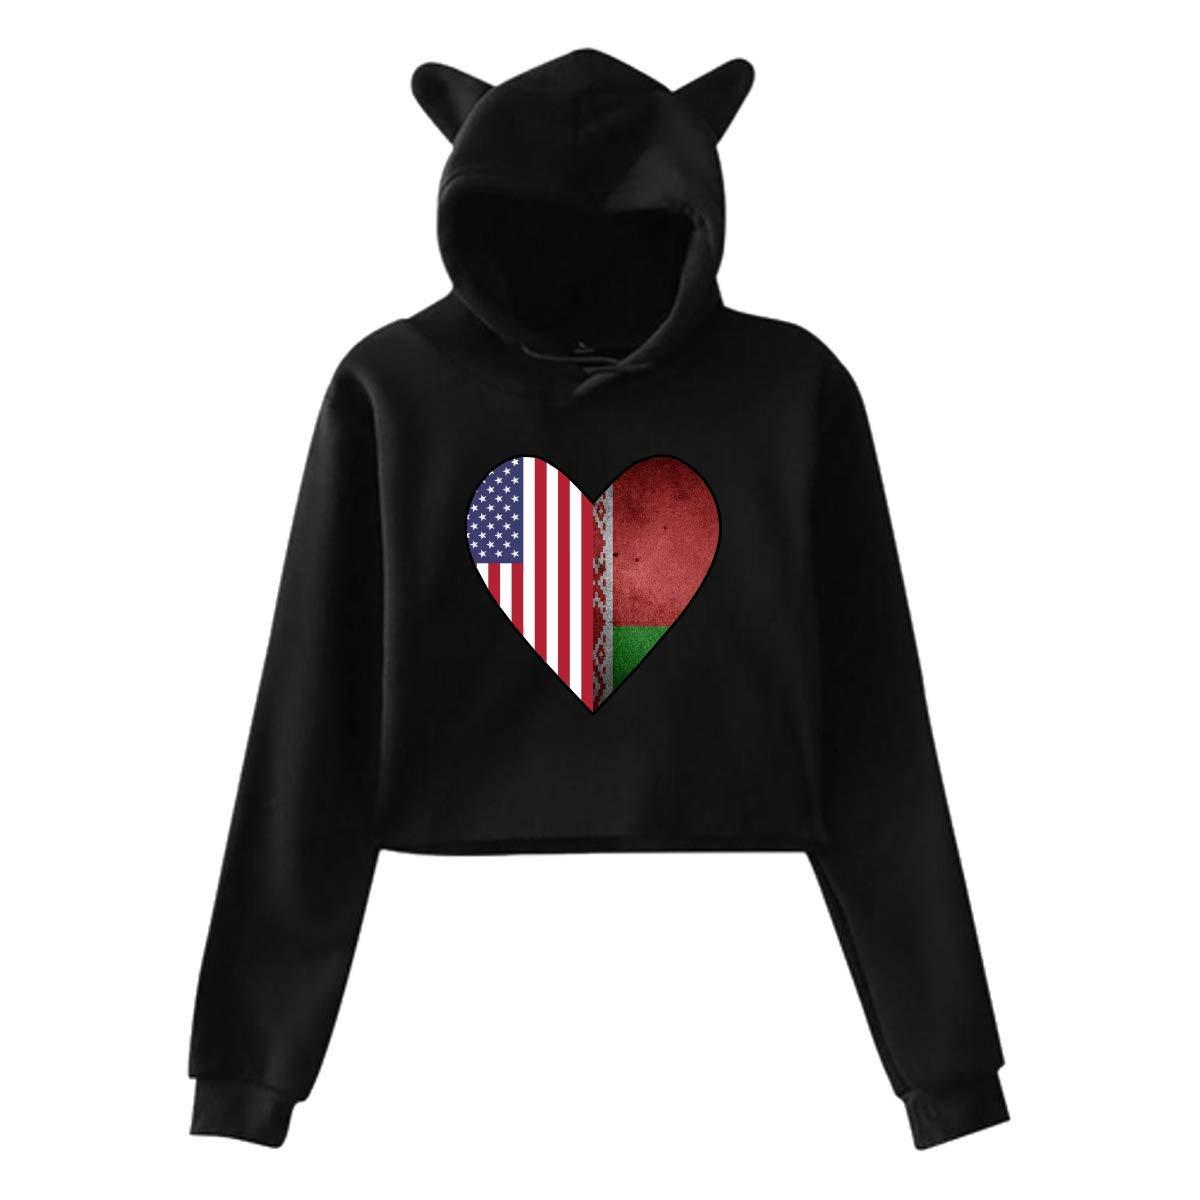 Girls Short Hoodies Crop Top,Half Belarus Flag Half USA Flag Love Heart Cat Ear Long Sleeve Hoodie Tops Blouse